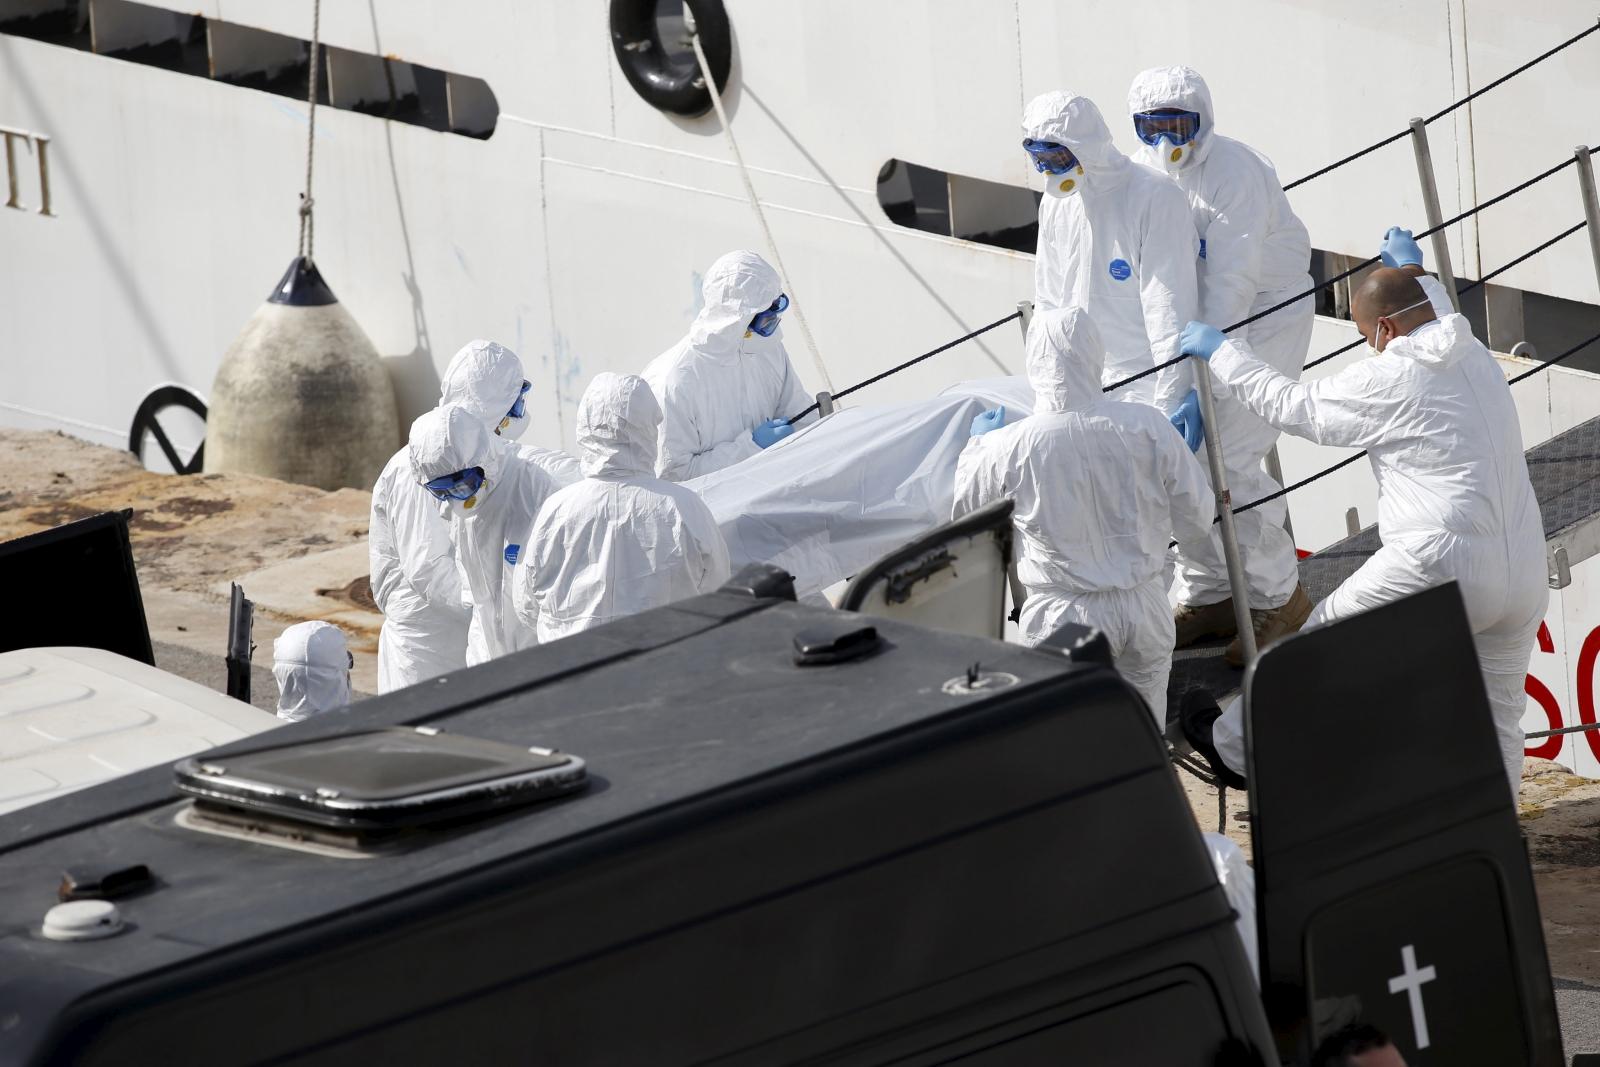 Italian coastguard Mediterranean shipwreck